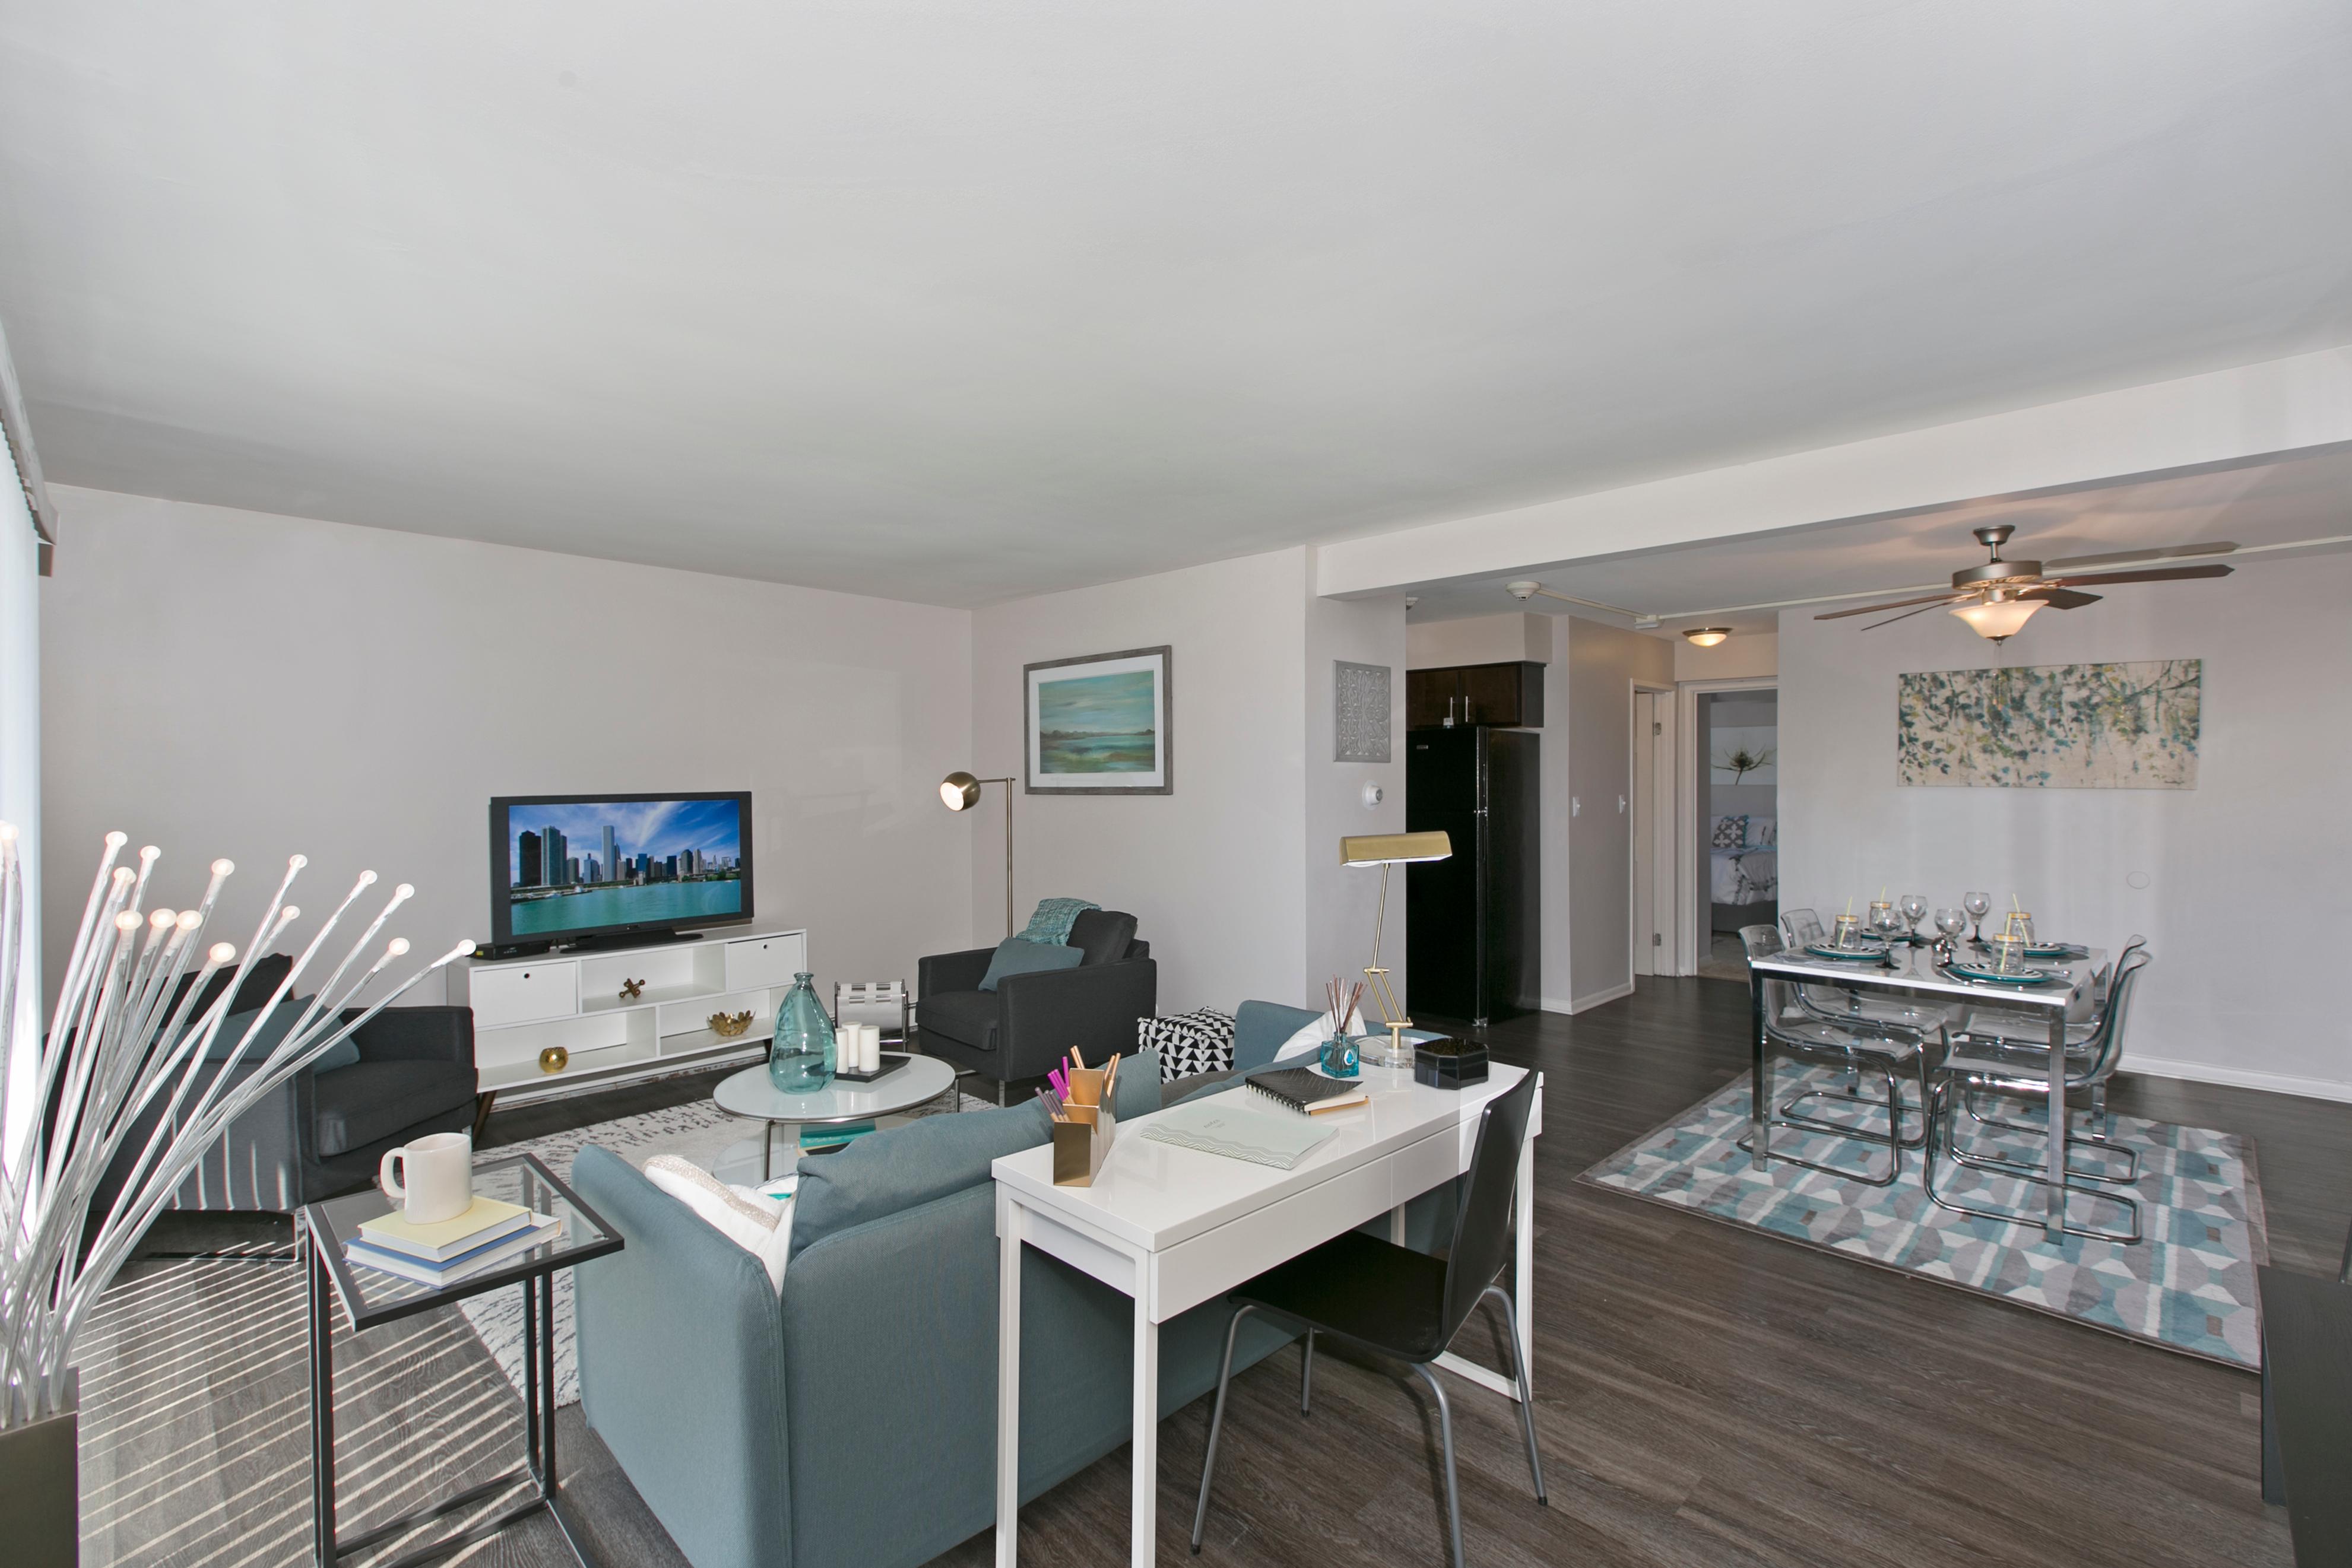 Westmont Village Apartments image 19